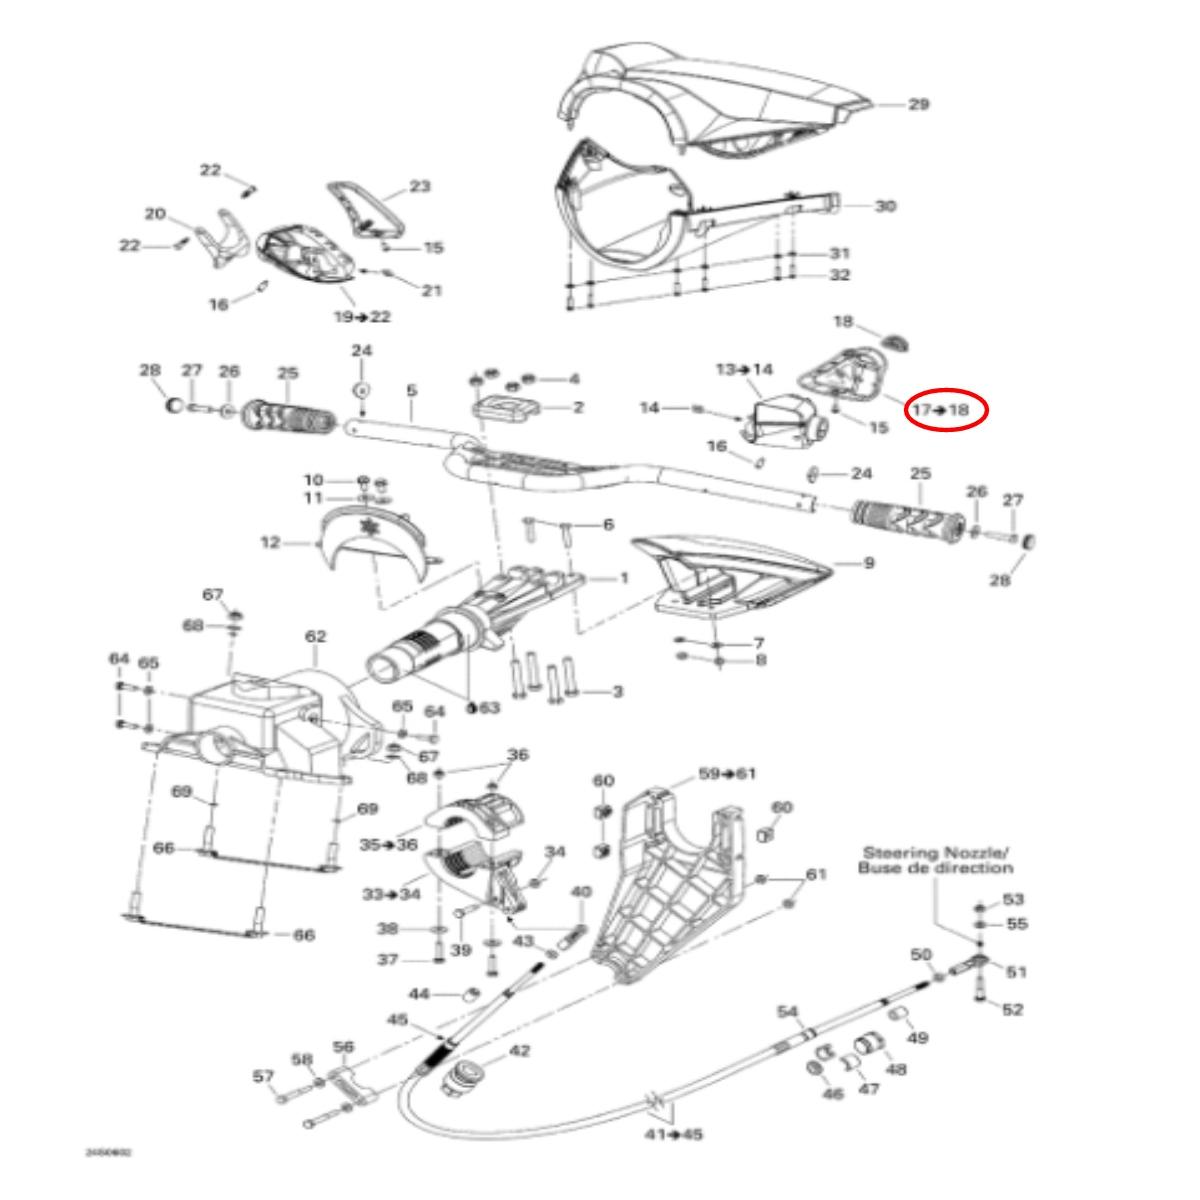 CAPA BOTÃO DE IGNIÇÃO  Jet Ski Sea SEA DOO (GTI,GTX,RXP,RXT)  - Radical Peças - Peças para Jet Ski